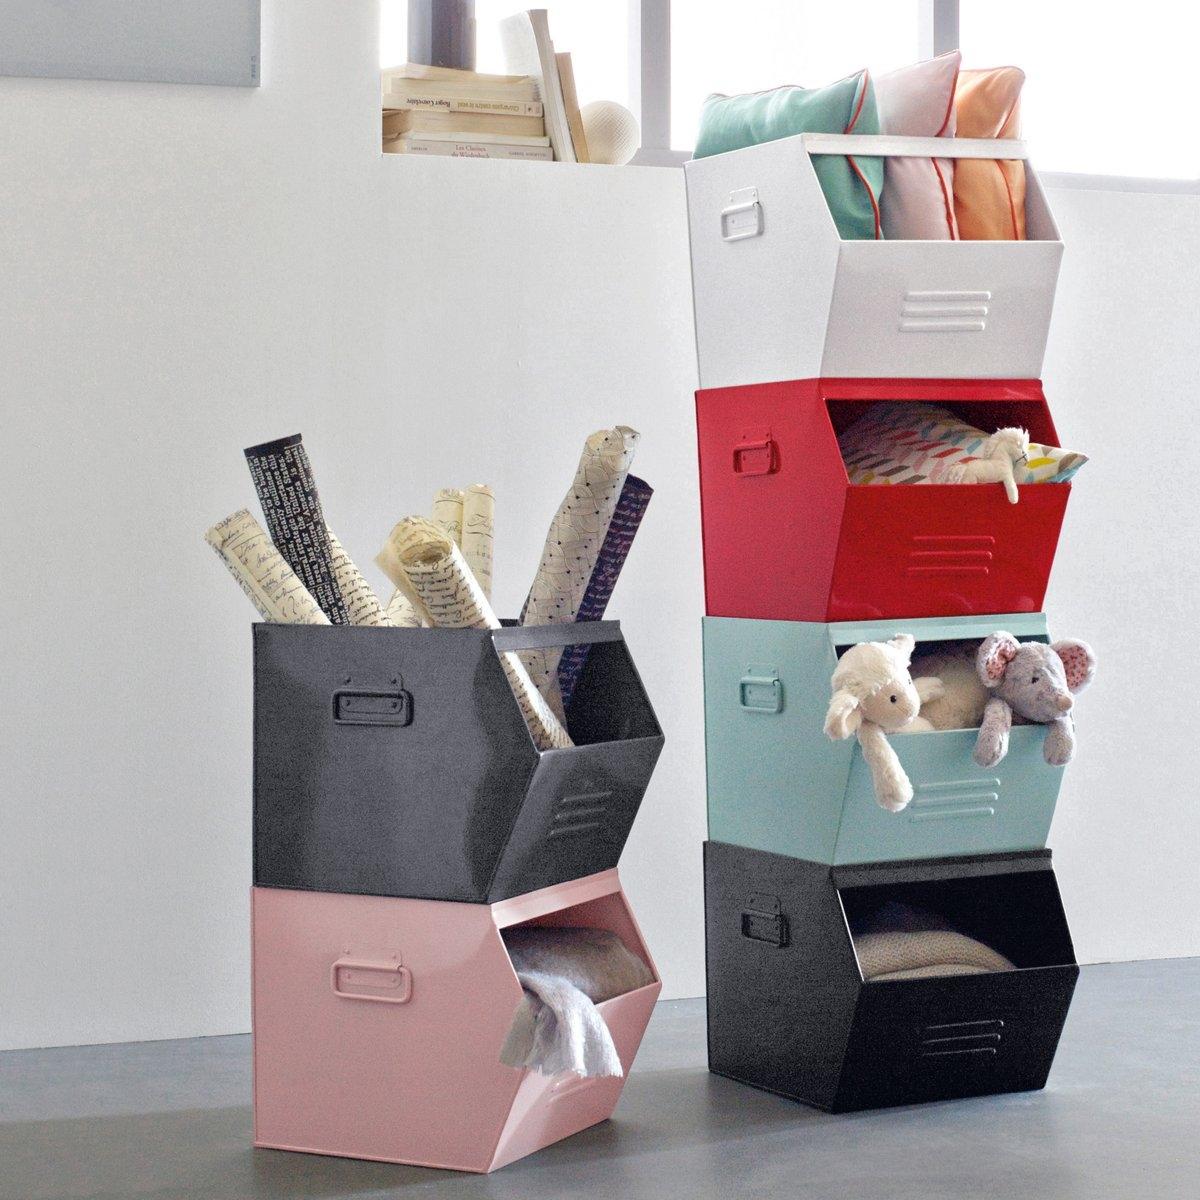 Ящик из гальванизированного металла, HibaДетская или комната подростка, прихожая, встроенные шкафы…Ящик из гальванизированного металла Hiba можно наполнить, чем угодно  : Позволяет легко и практично разместить вещи в духе современных тенденций .Для версии серый металлик, эффект старины делает каждое изделие уникальным . Неоднородность, которая может проявиться, подчеркивает аутентичность изделия .  Описание ящика Hiba Ручки сбоку .Отделение для этикеток сбоку .Характеристики ящика HibaГальванизированный металл, покрытый эпоксидной краской .Ящик Hiba поставляется в собранном виде .Найдите другую мебель и модели из коллекции Hiba на нашем сайте ..Размеры ящика HibaШирина : 36 смВысота : 30 смГлубина : 33 см.<br><br>Цвет: белый,красный,черный<br>Размер: единый размер